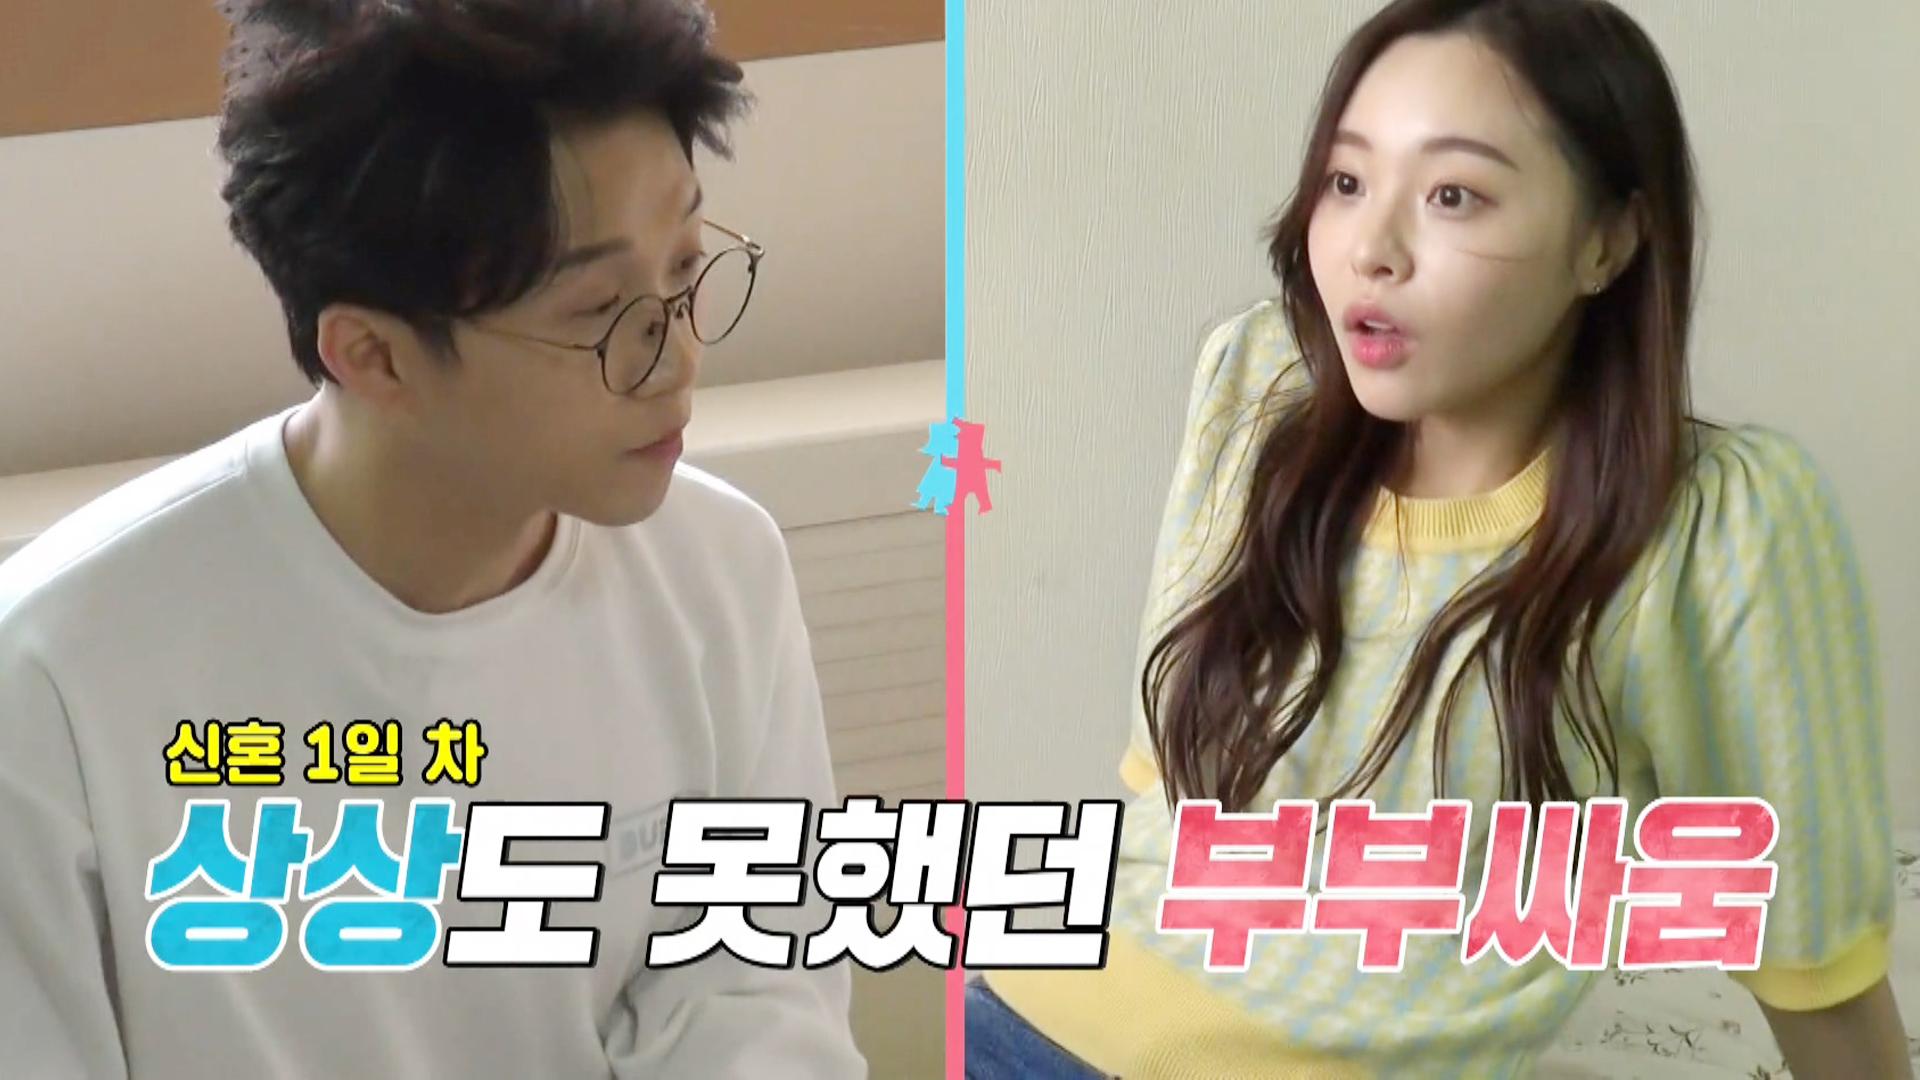 박성광 VS 이솔이, 통장이몽에 신혼 첫날 부부 싸움 발발!